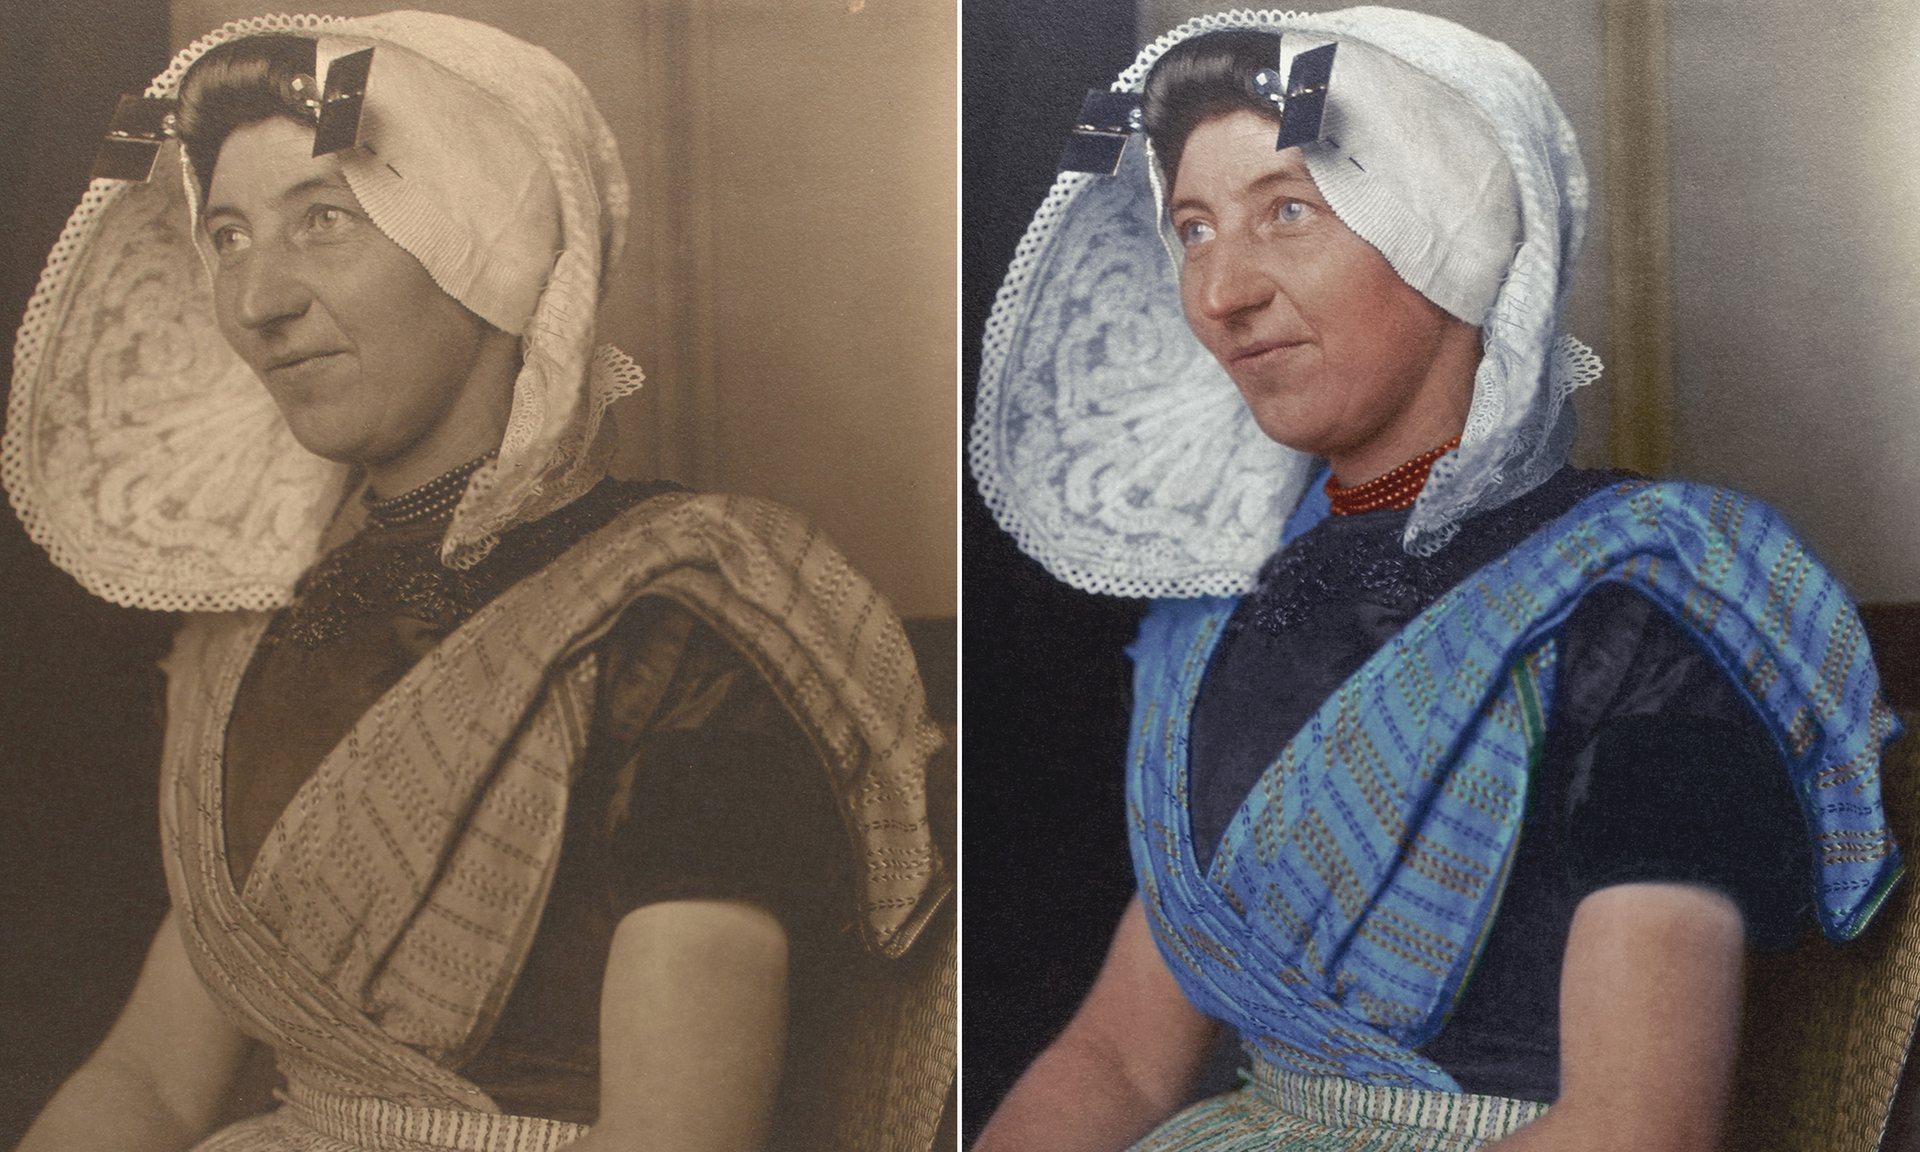 Una mujer holandesa alrededor de 1910 llevando un gran sombrero, uno de los aspectos más reconocibles de la vestimenta tradicional holandesa.